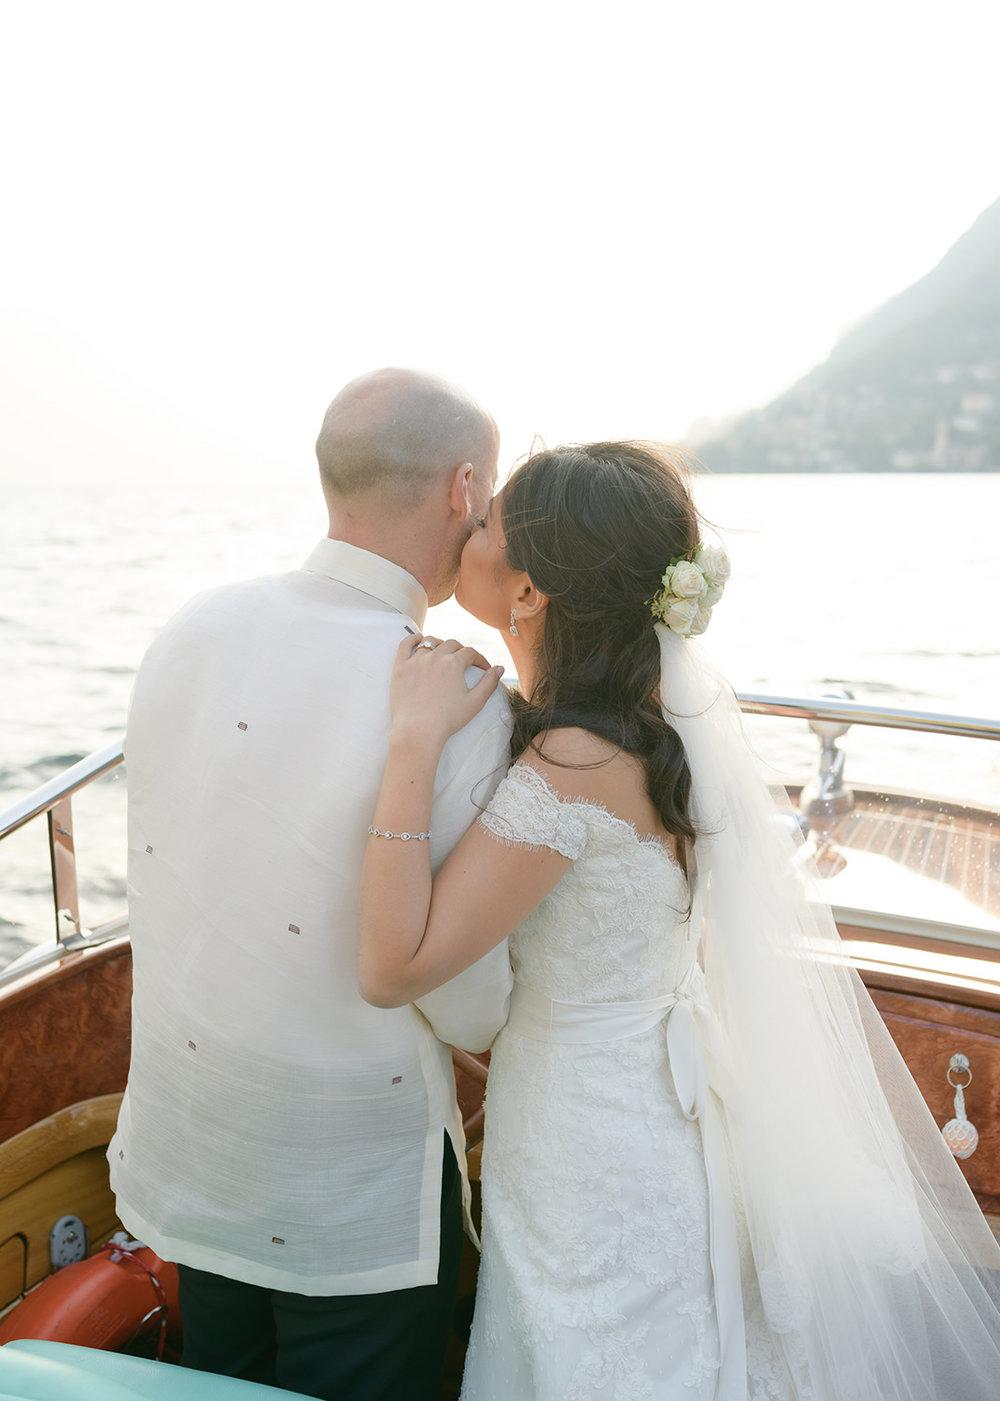 villa-regina-teodolinda-wedding-photographer-C&B-©bottega53-72.JPG